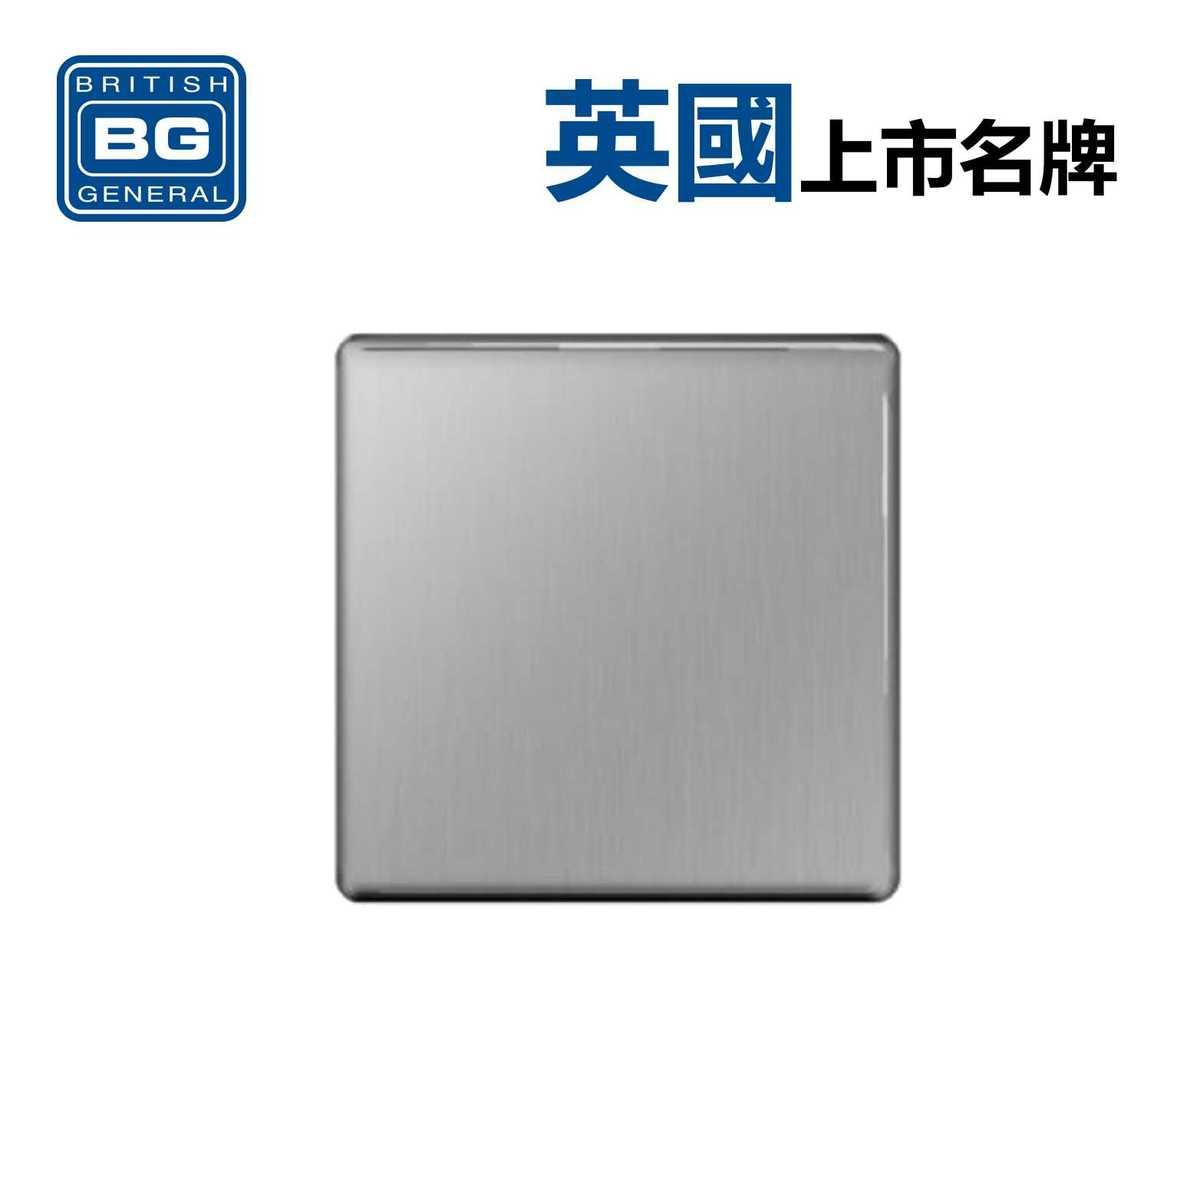 1位空白面板 -拉絲鋼色 (型號 : FBS94)